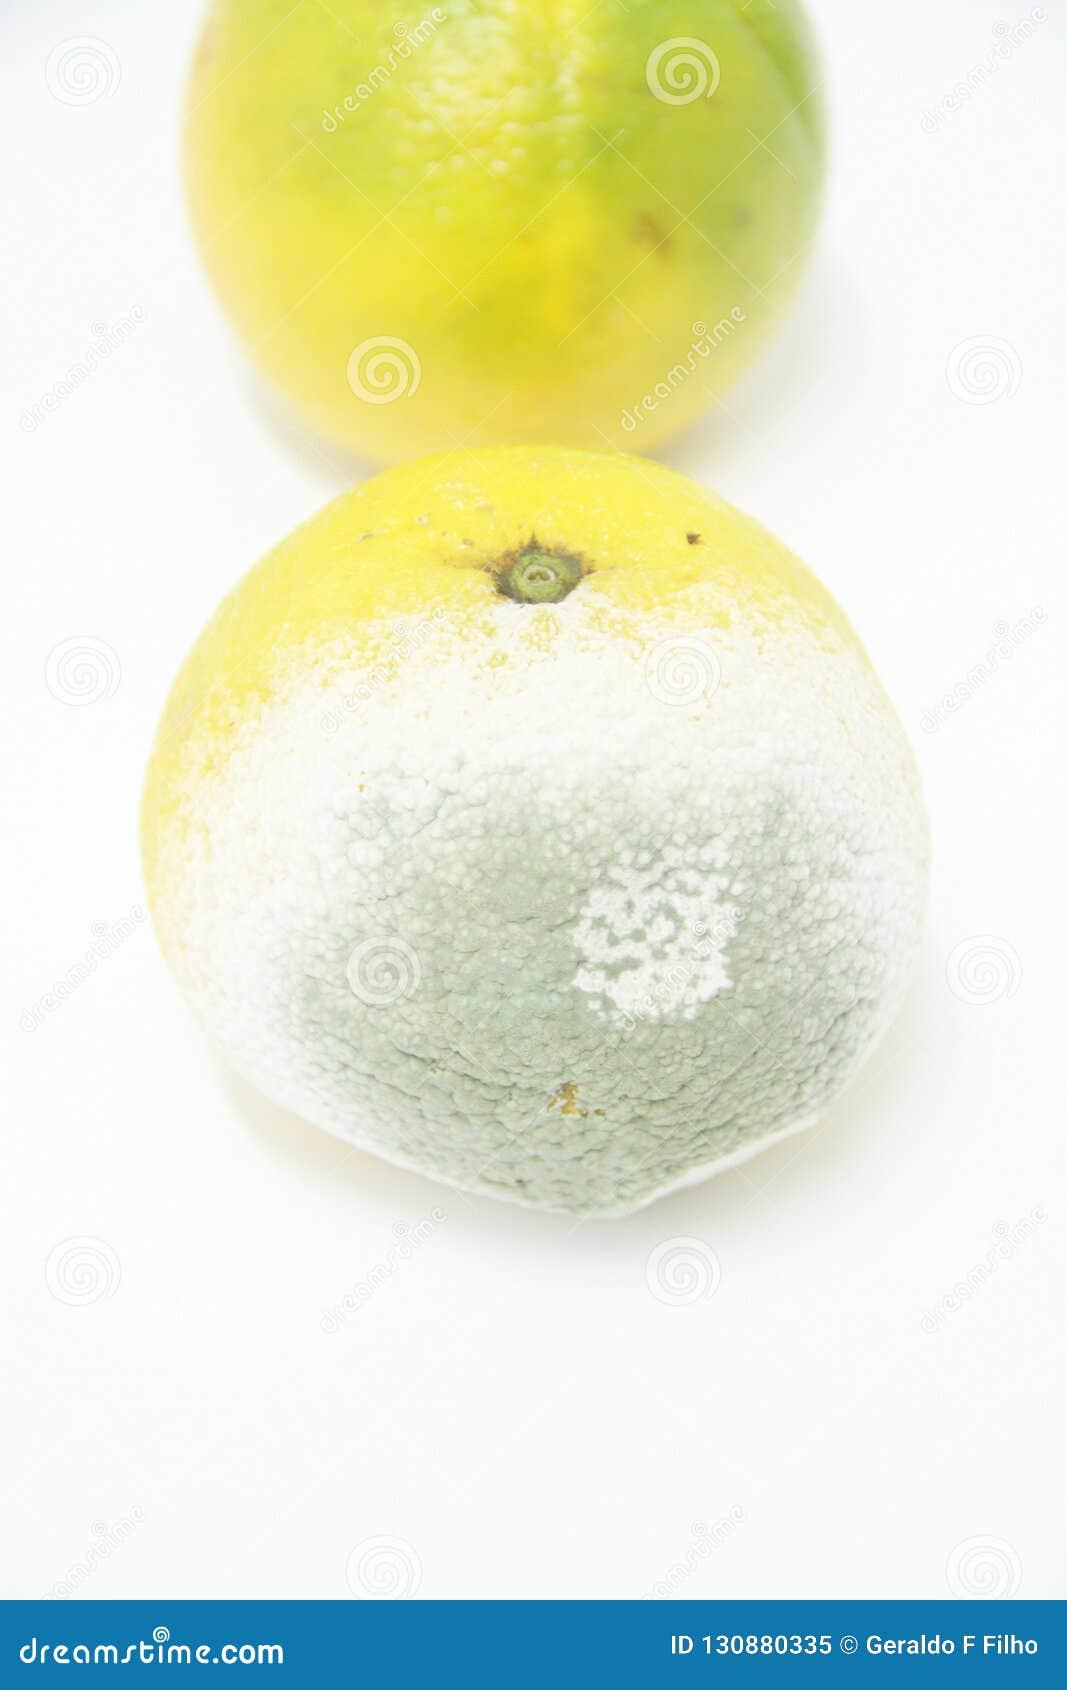 Detalle saludable aislado fruta anaranjada São Paulo Brazil del funghi del molde de la fruta del fondo